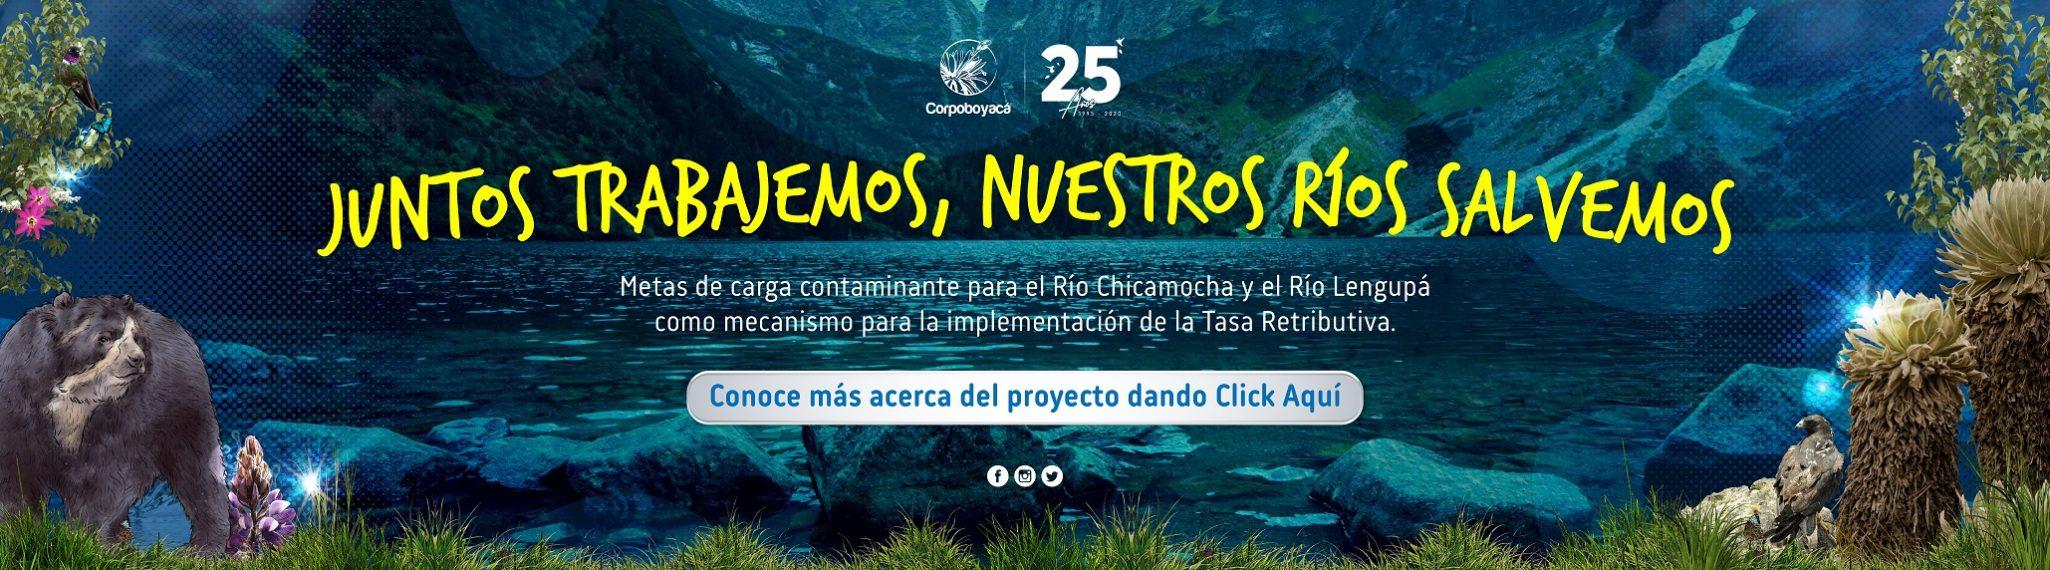 Foto Juntos trabajemos, nuestros ríos salvemos.